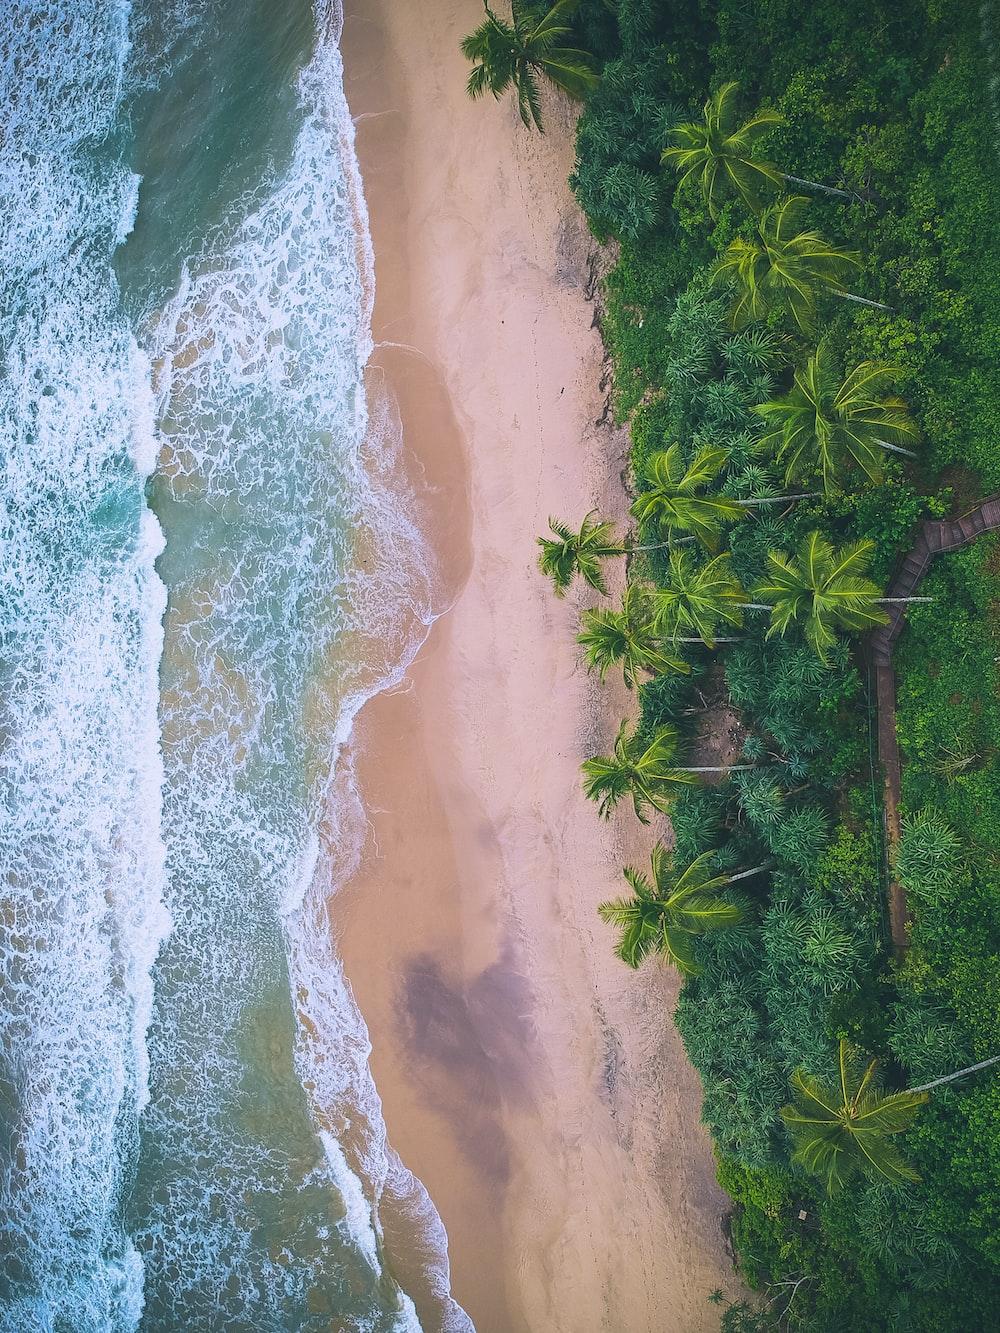 bird's eye view photograph of beach